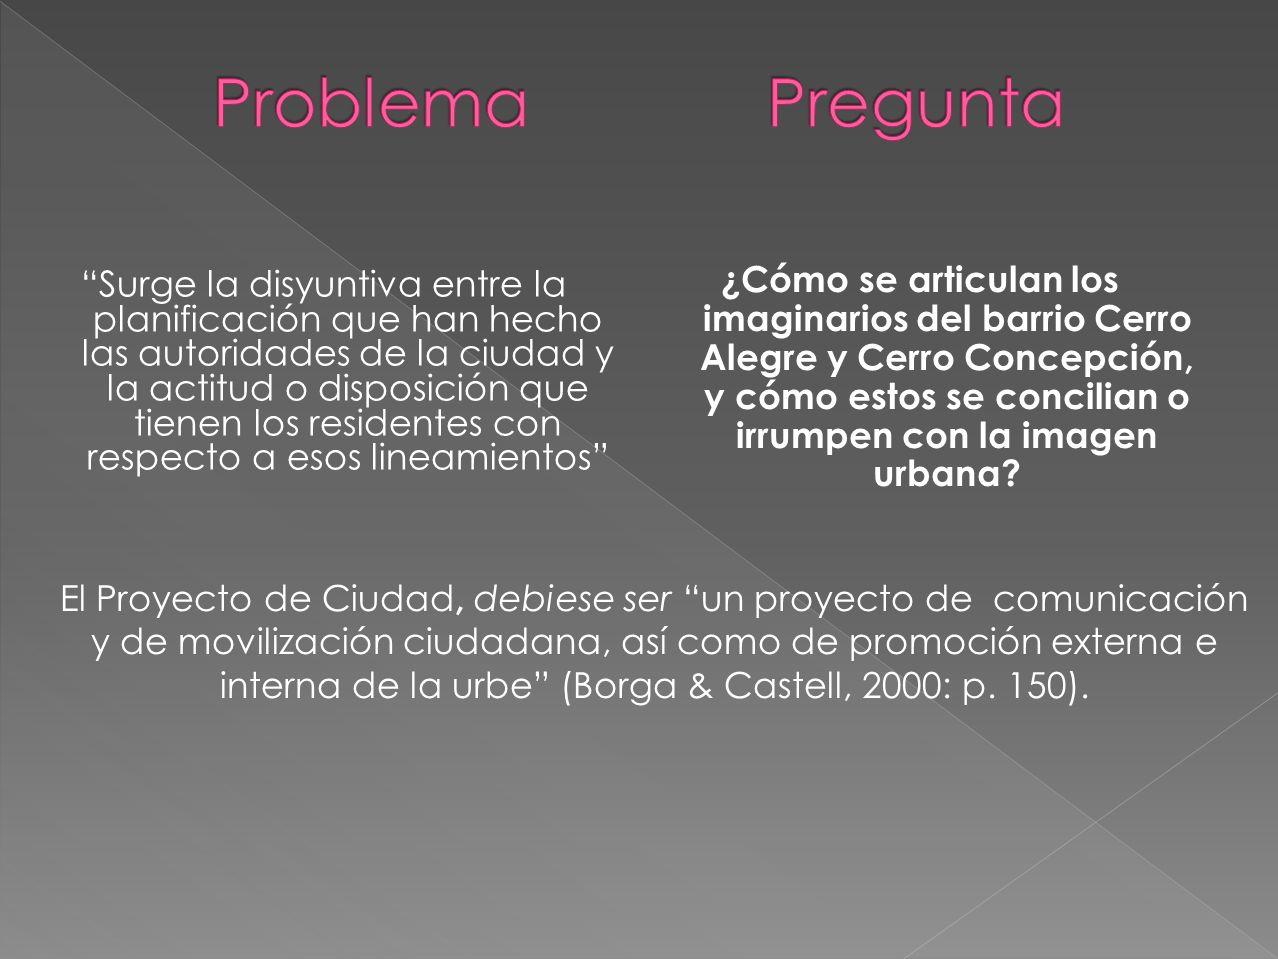 parte significativa de la calidad de vida y de la integración urbana y social es determinada en el mundo de las percepciones (Arriagada y Morales, 2006: p.